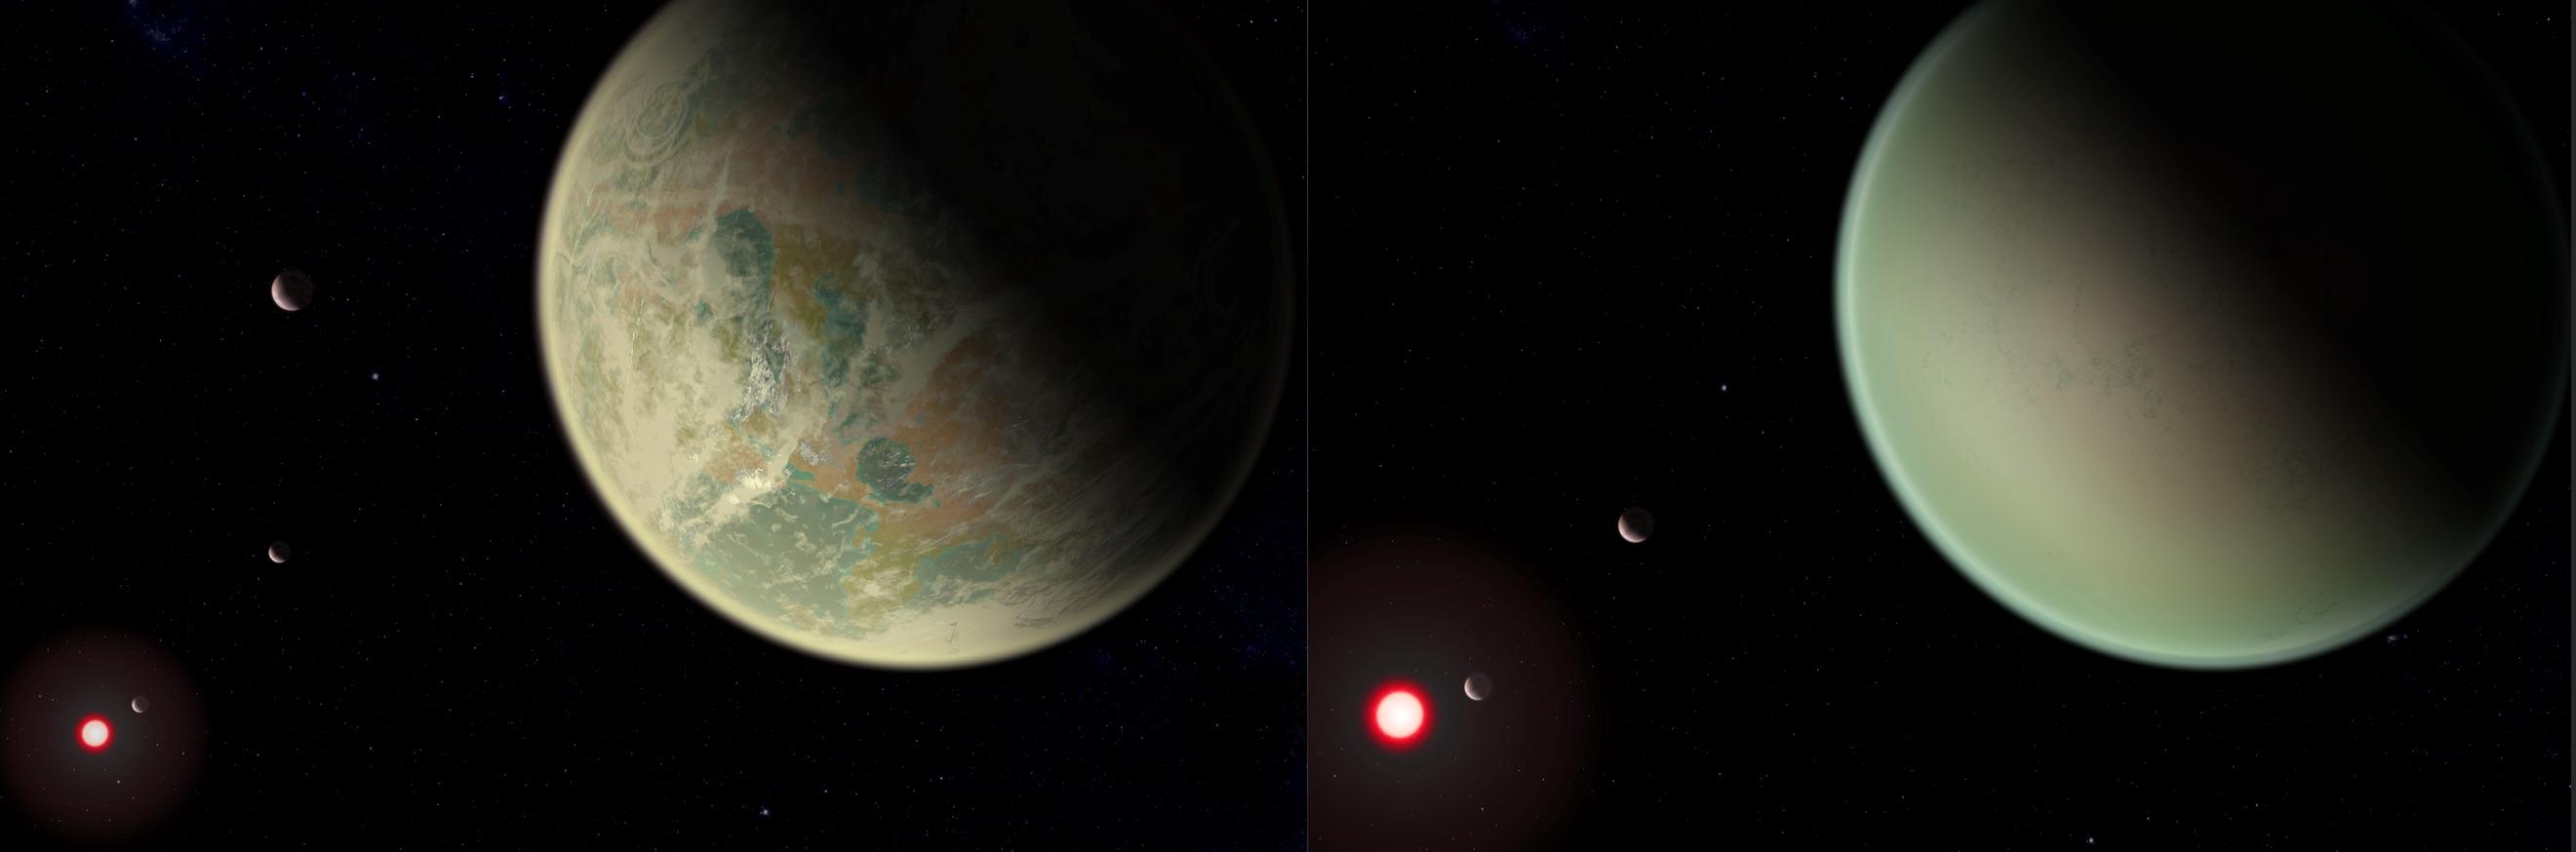 El próximo gran telescopio espacial podría detectar el elemento clave para la vida extraterreste